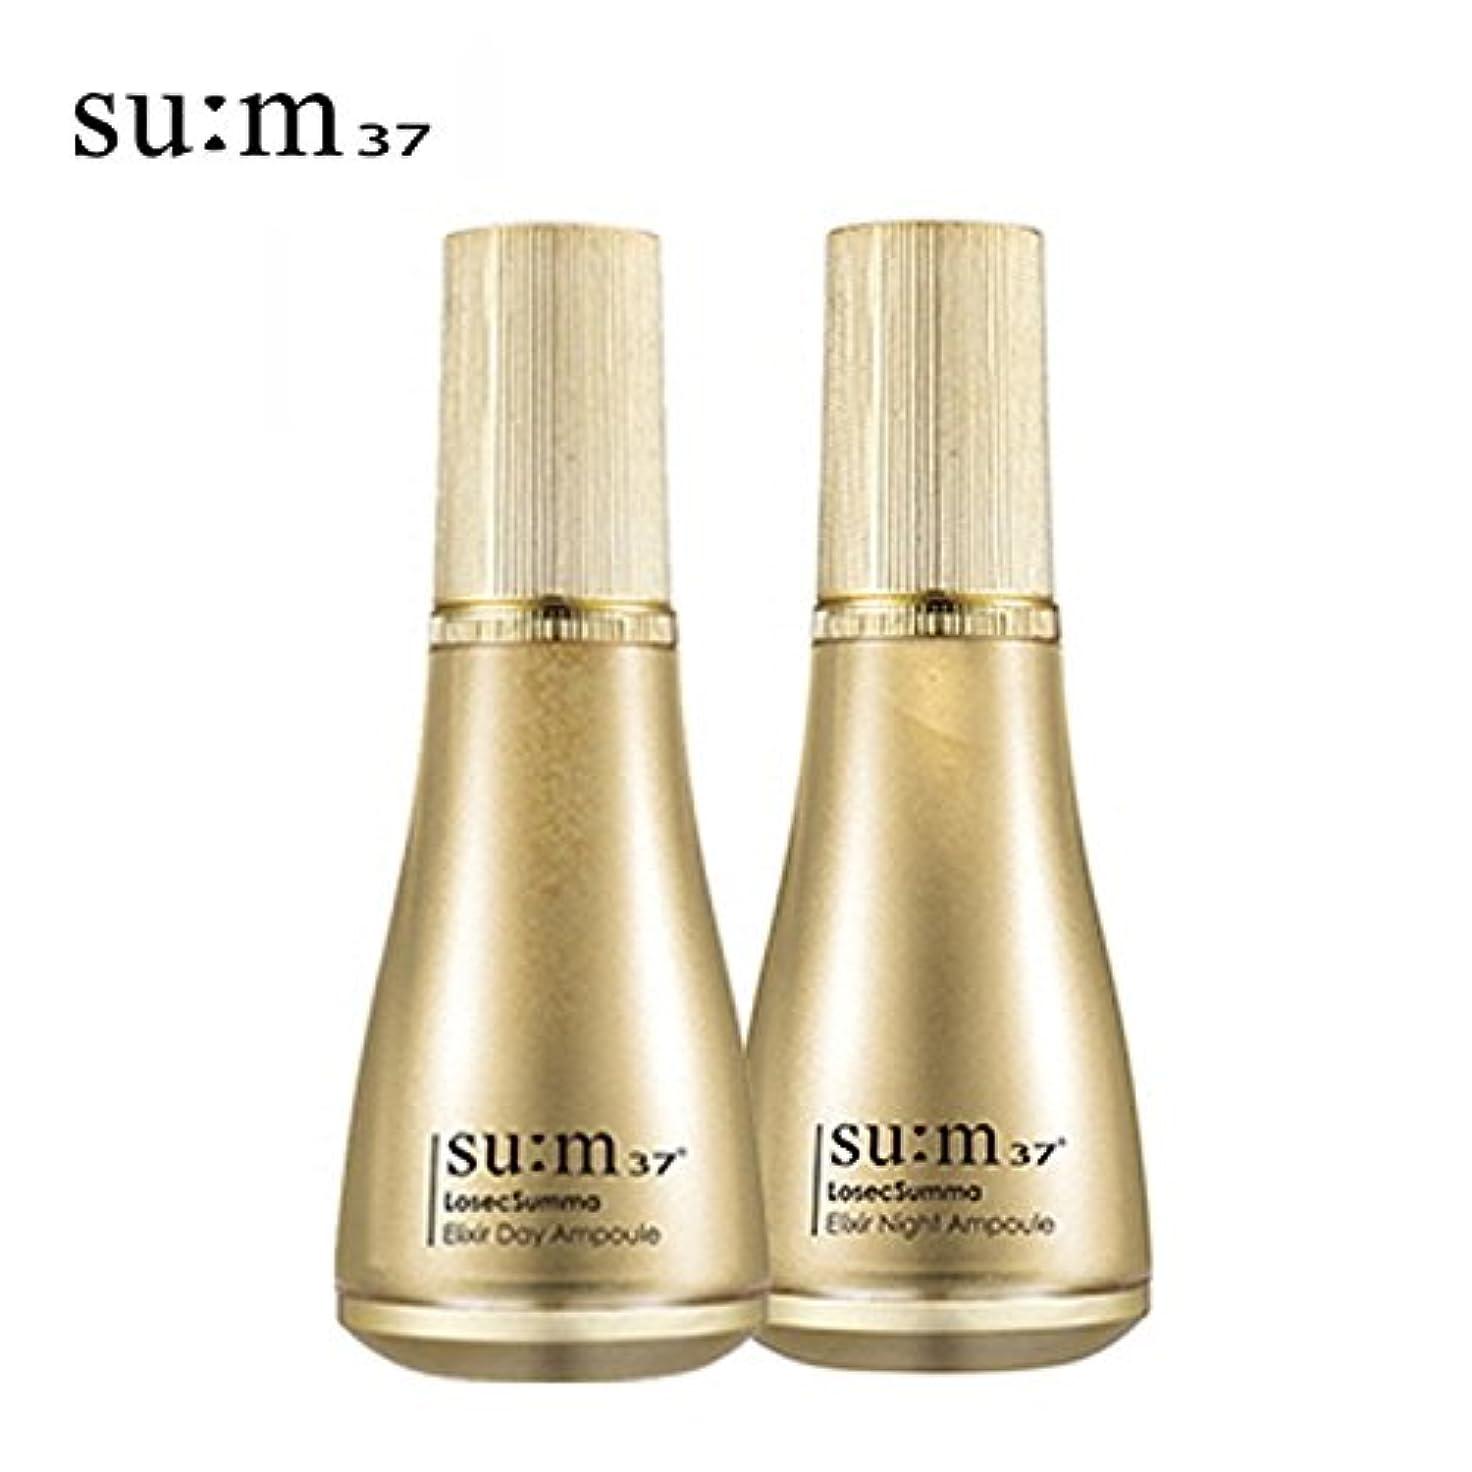 彼らの空代名詞[su:m37/スム37°]Sum37 でシック スムマ エリクサーアンプル デュオ/スム37 LOSEC Summa Elixir Ampoule Duo 20ml+20ml + [Sample Gift](海外直送品)